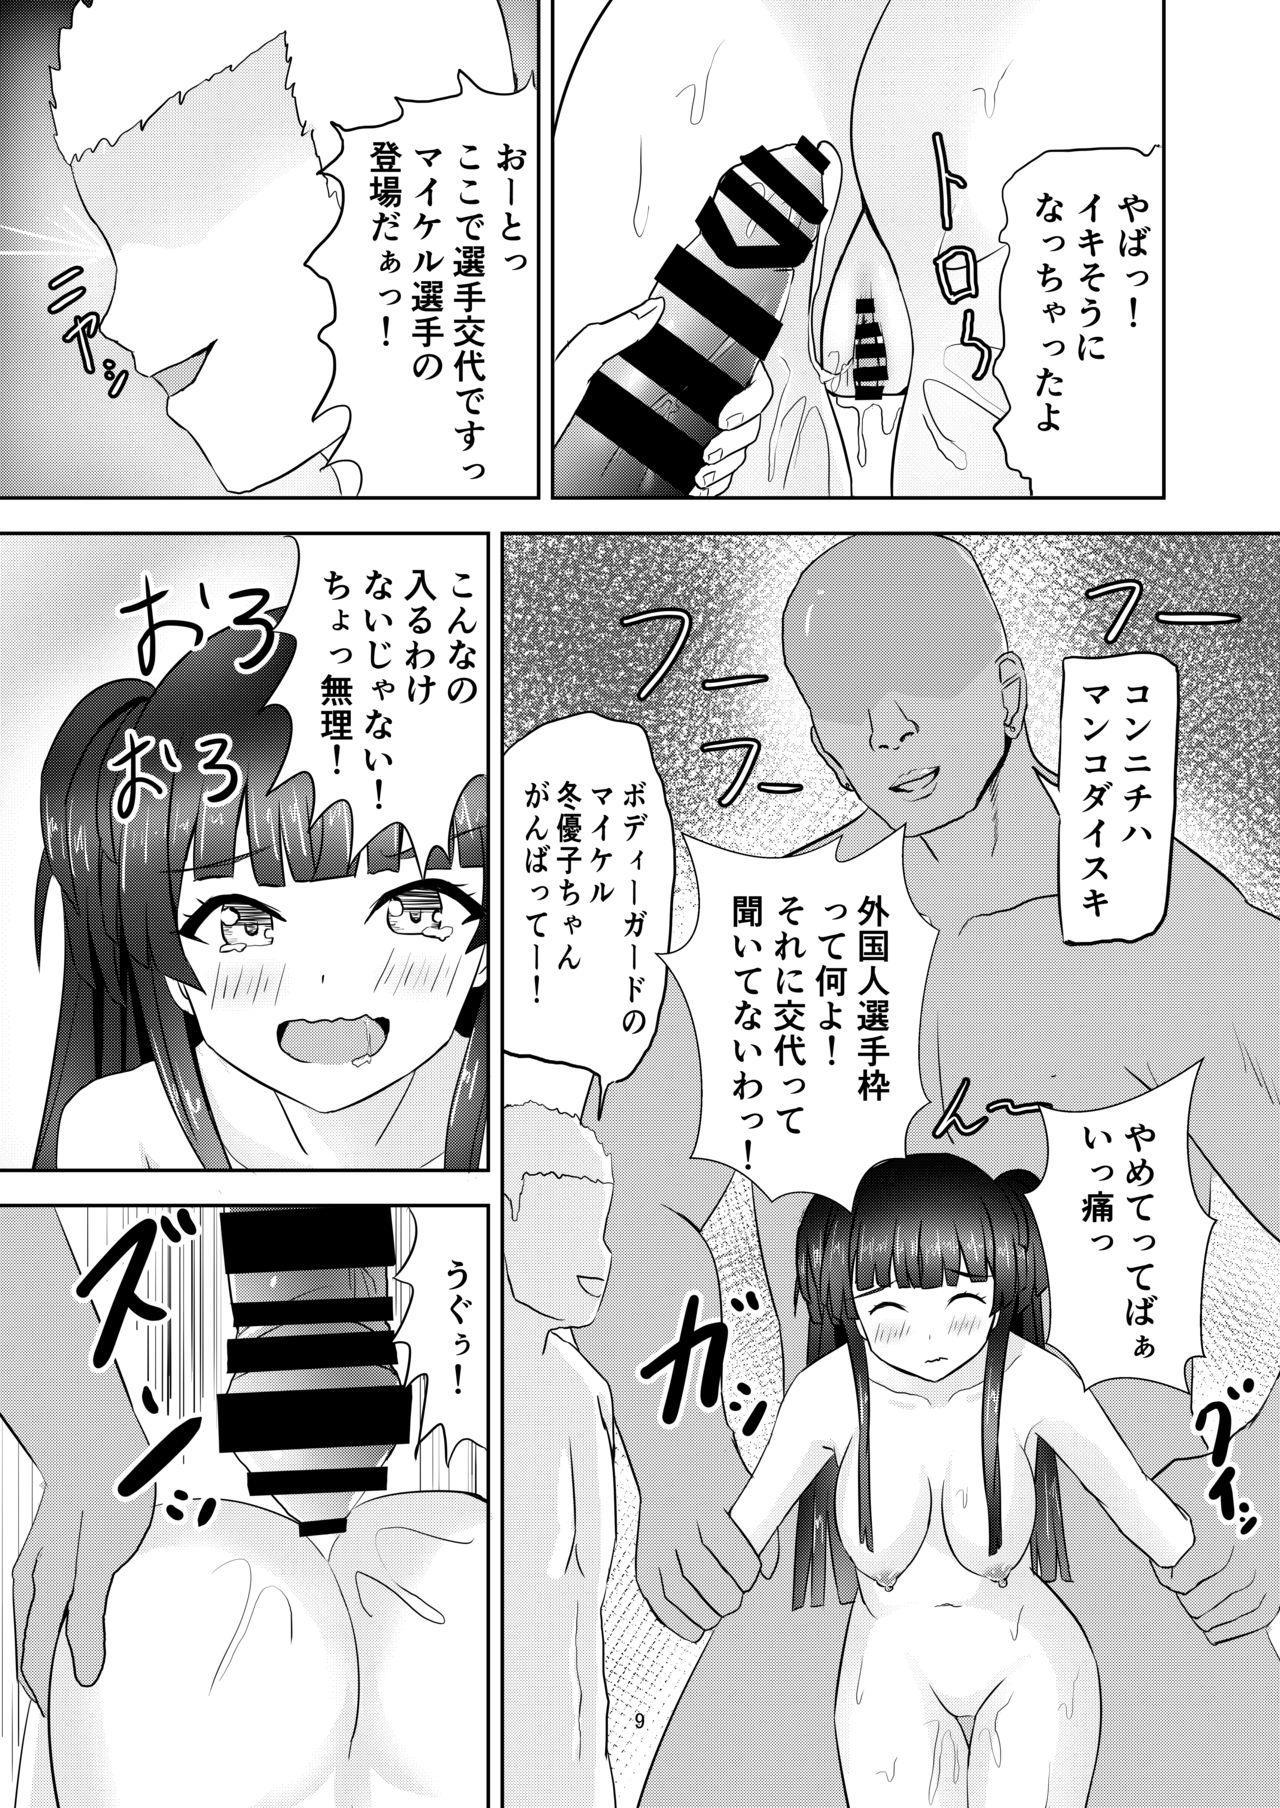 Fuyuko-chan no Yami Eigyou 9